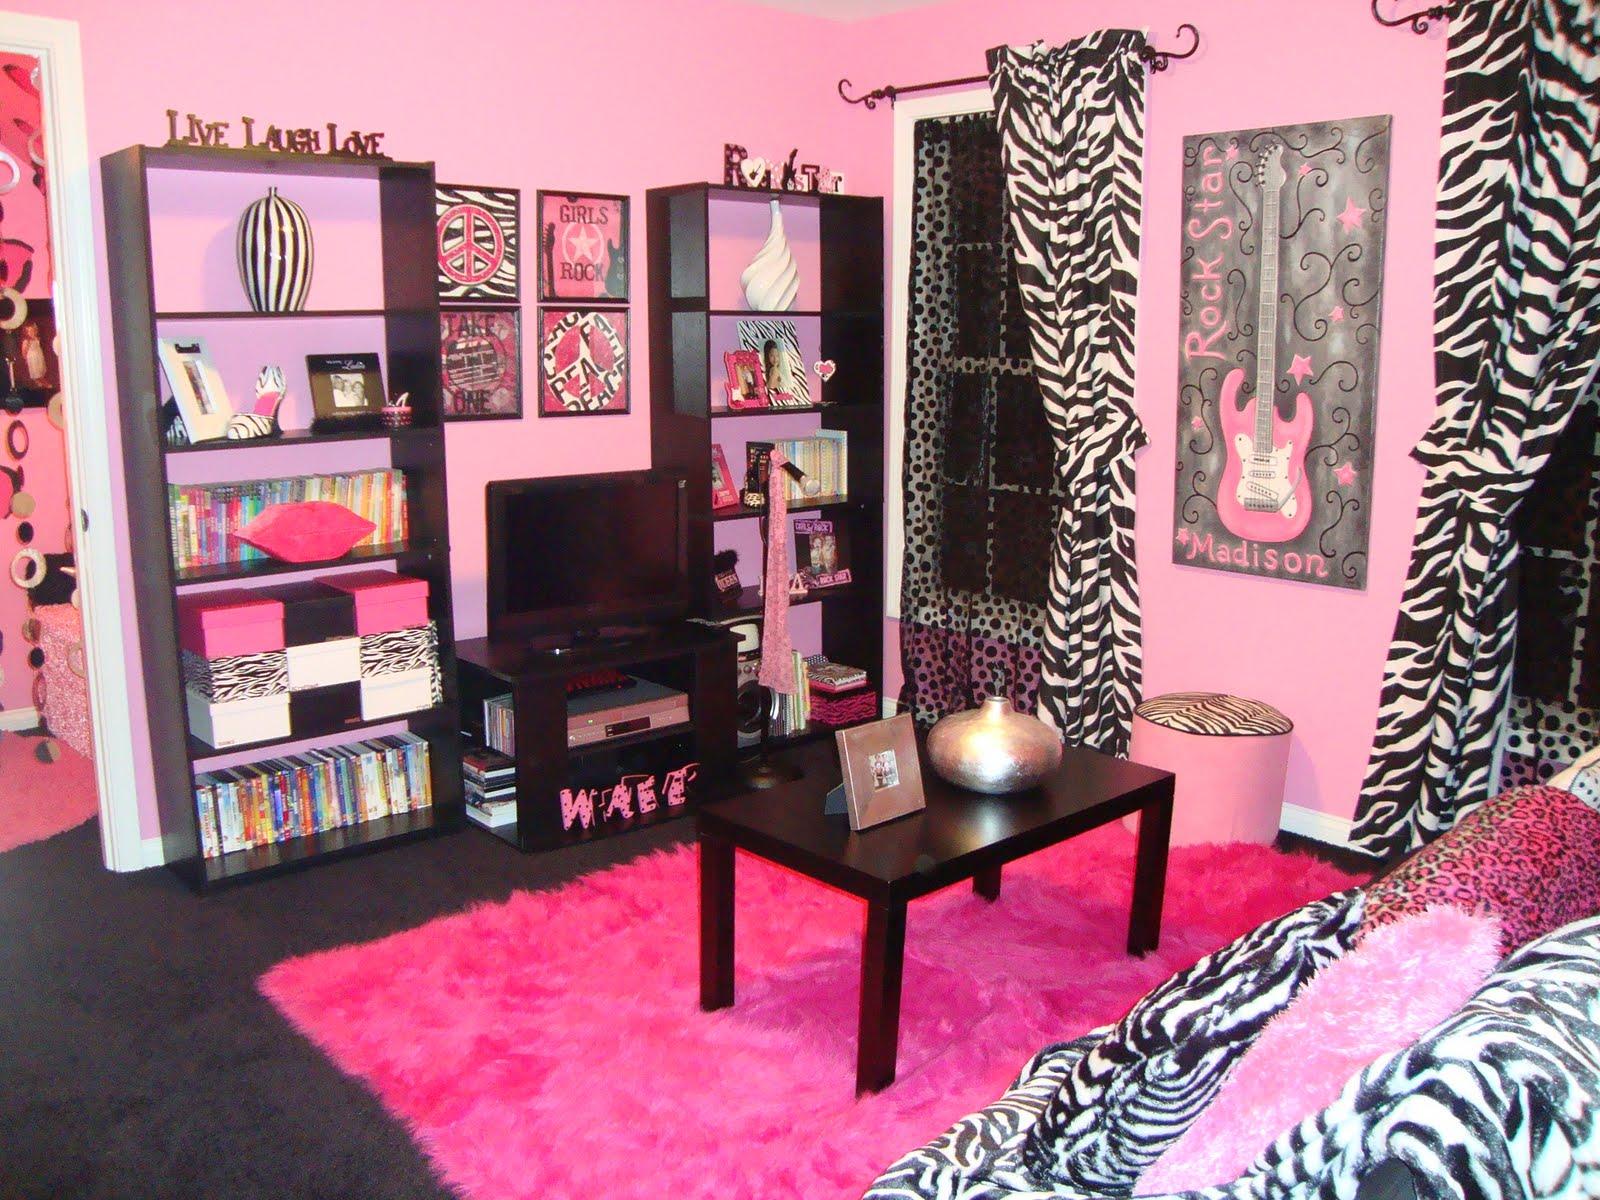 http://1.bp.blogspot.com/-tryajVMaIrY/TcZ_KudltEI/AAAAAAAAADA/oe7rmVIDUG4/s1600/zebra-teen-room-black-pink.JPG